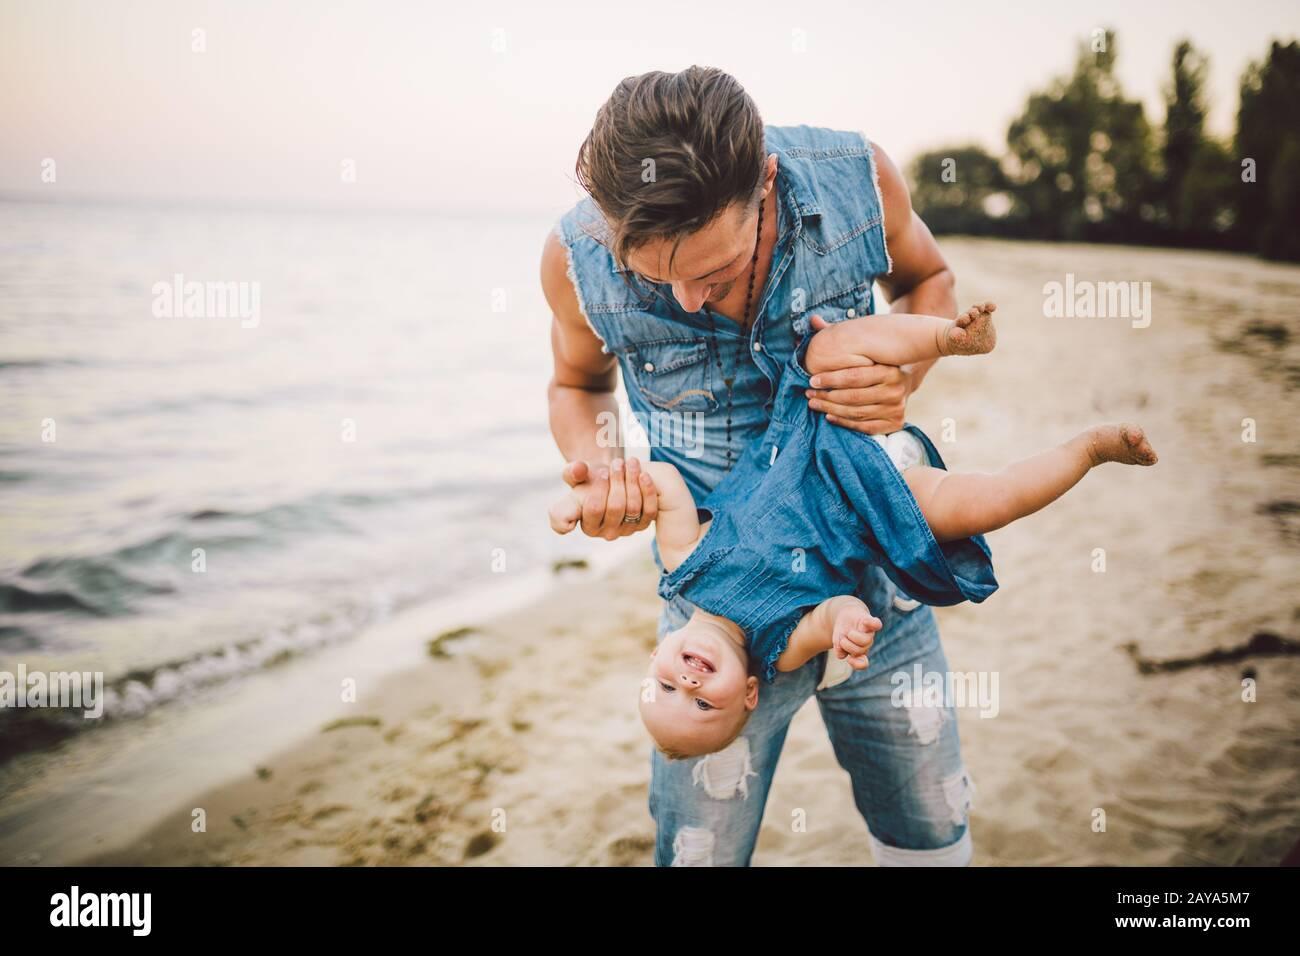 Tema la paternidad y el descanso con un niño en el mar. Joven guapo padre caucásico juega juega disfruta tirar en brazos a su hijo Foto de stock